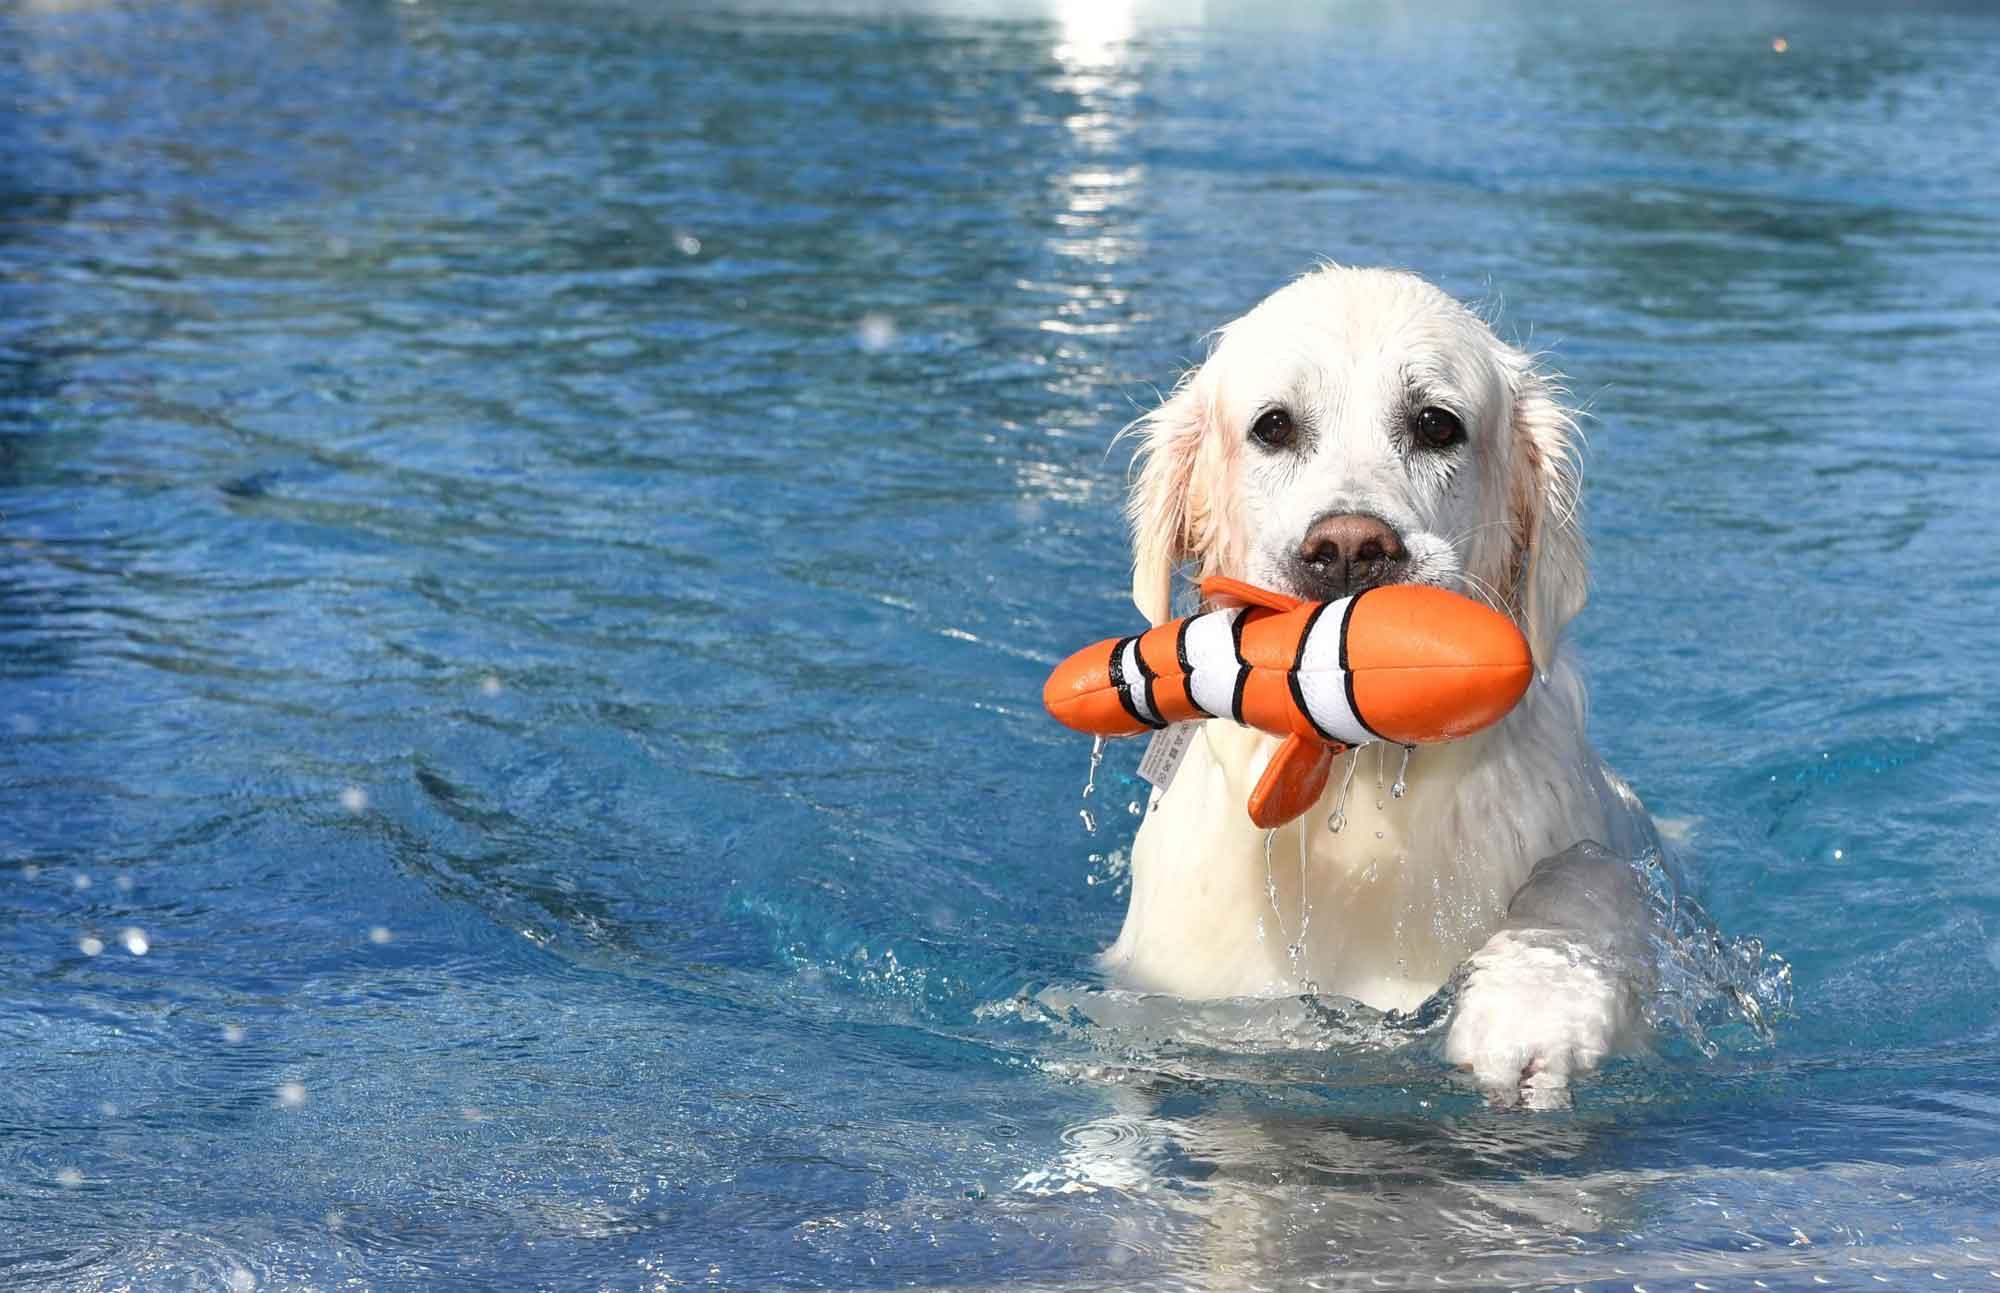 Hundeschwimmen war in den vergangenen Jahren ein Highlight zum Abschluss der Badesaison. Bildnachweis:  Harald Langer